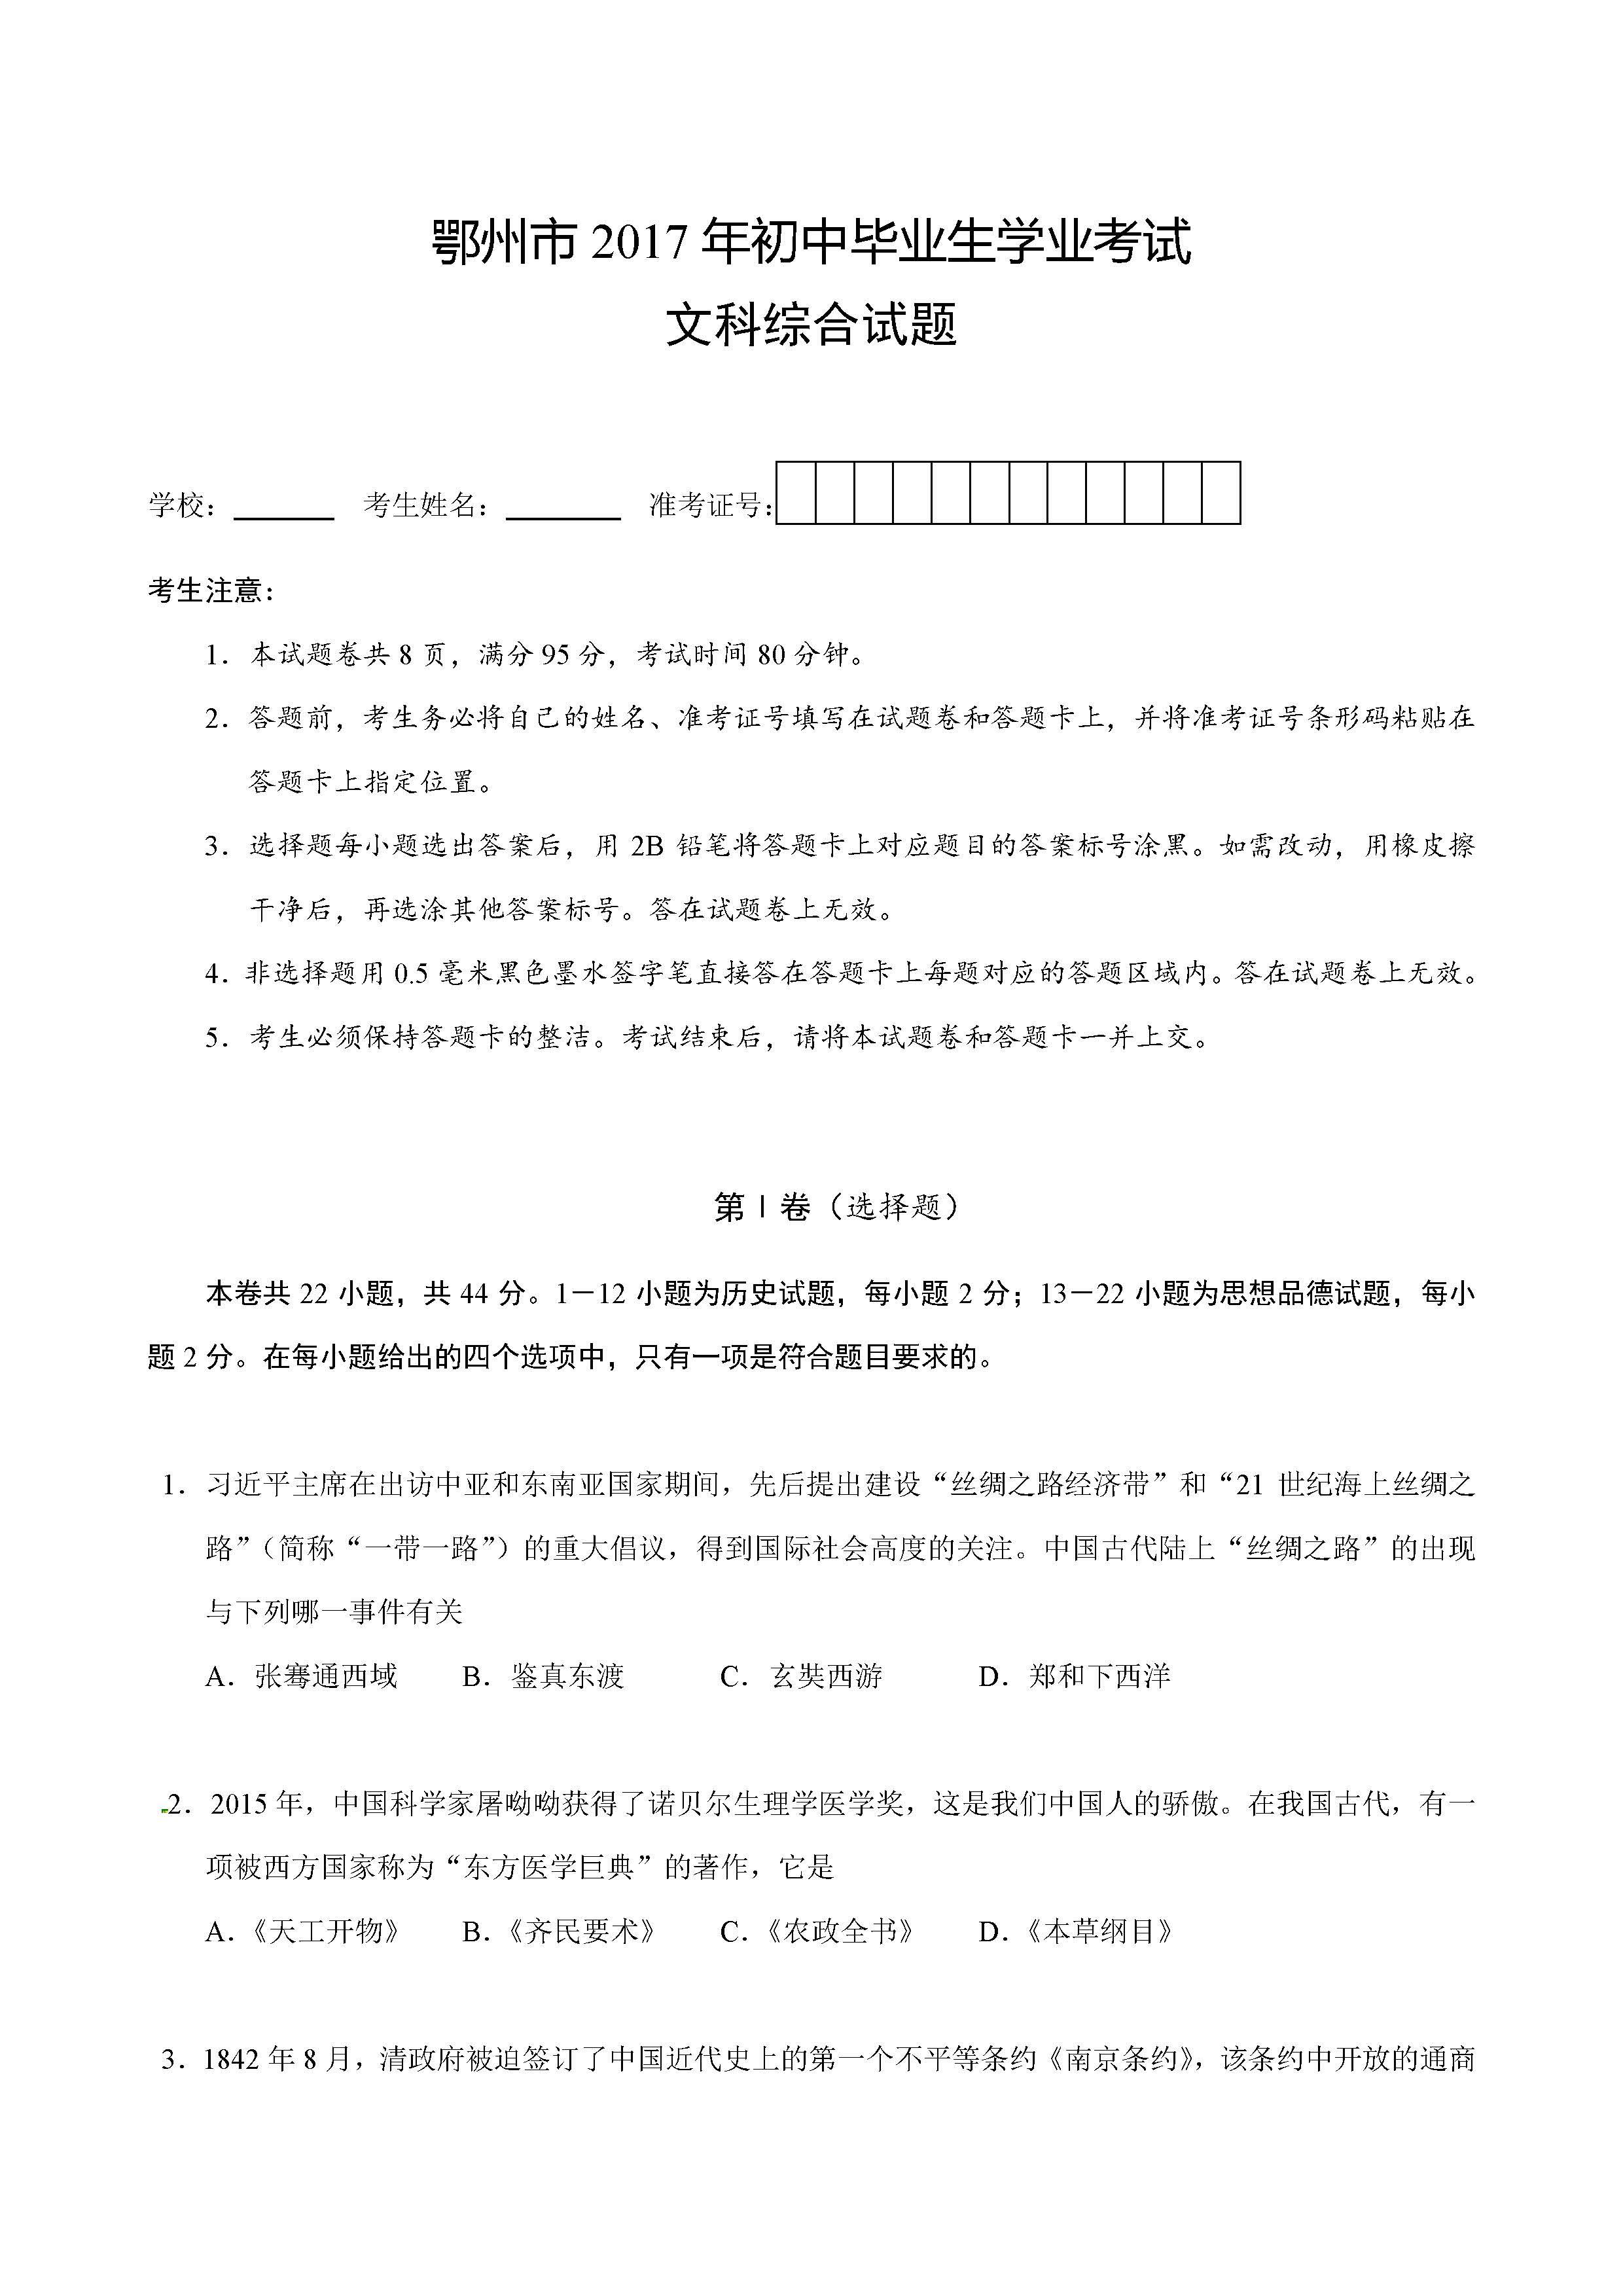 2017鄂州中考文综试题及答案解析(图片版含答案)